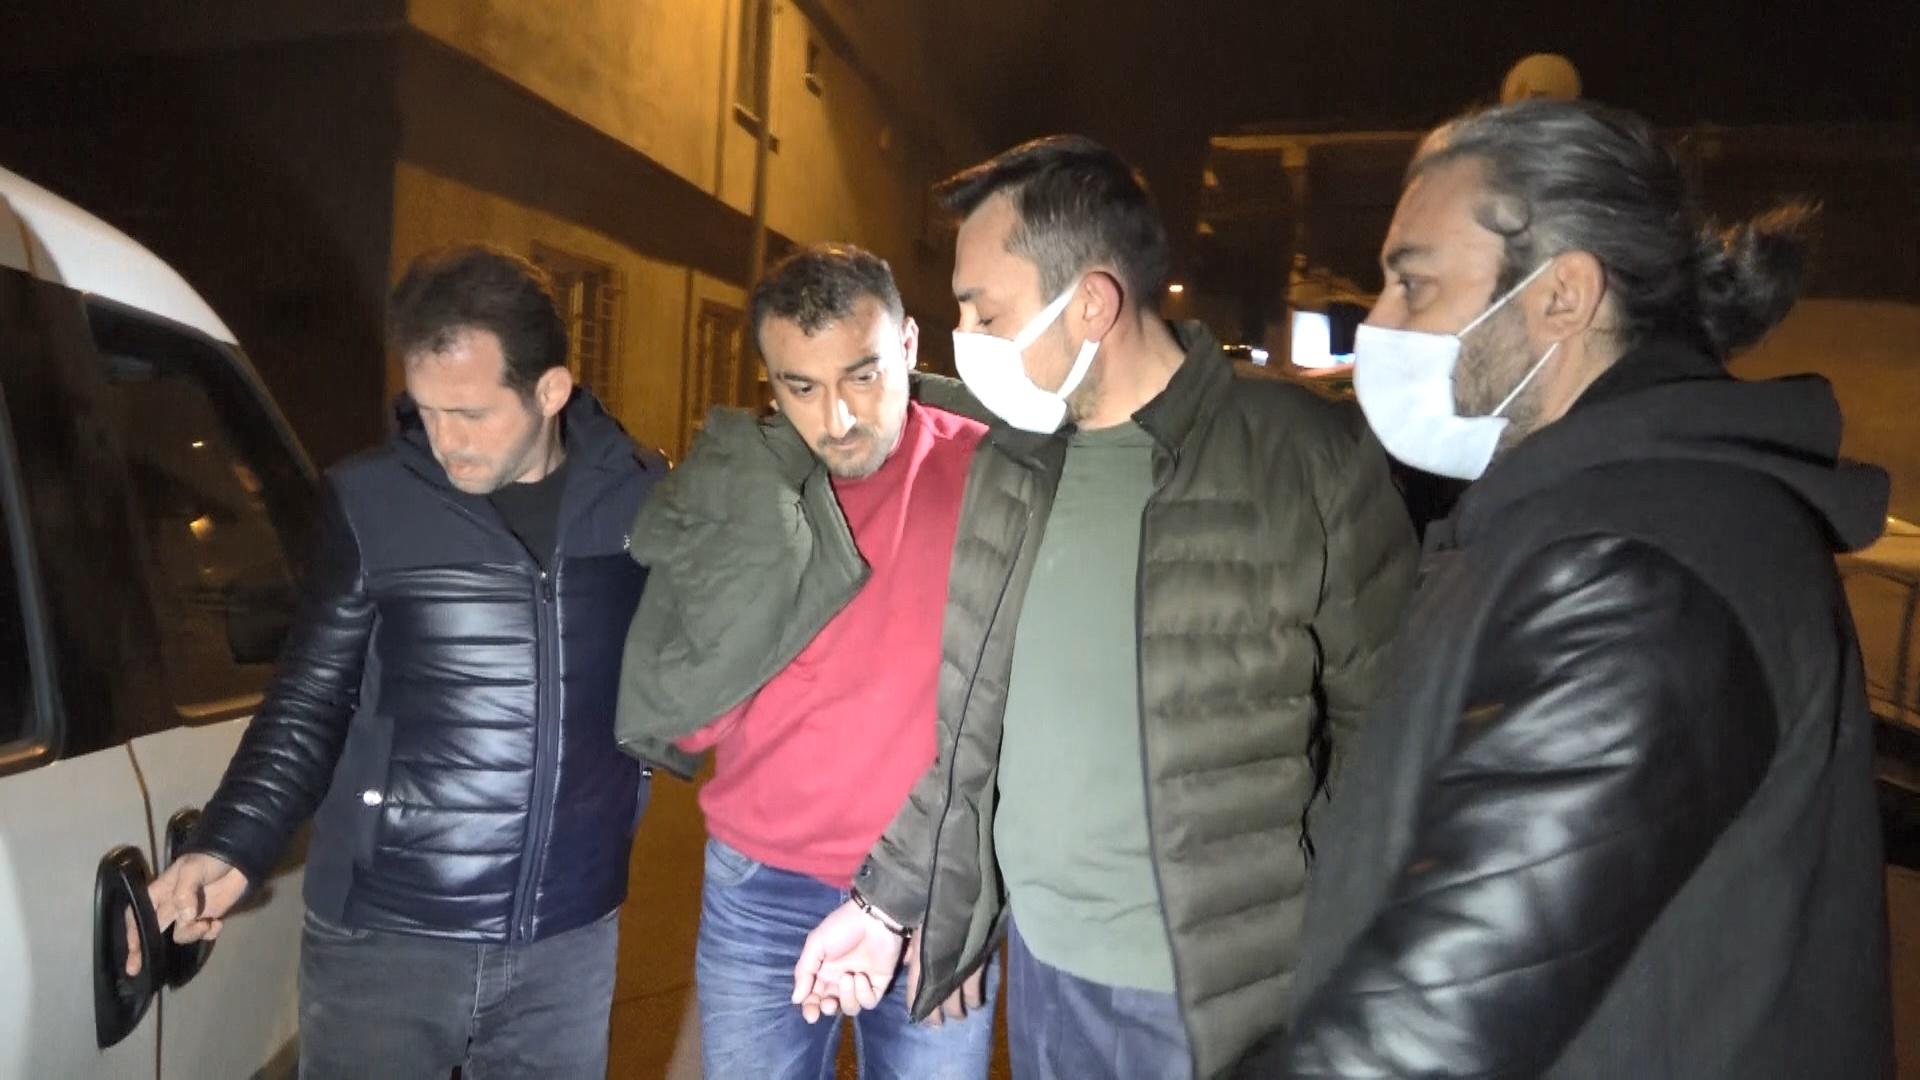 Yasağı son anda ihlal ettiler! 15 bin lira cezadan kaçamadılar